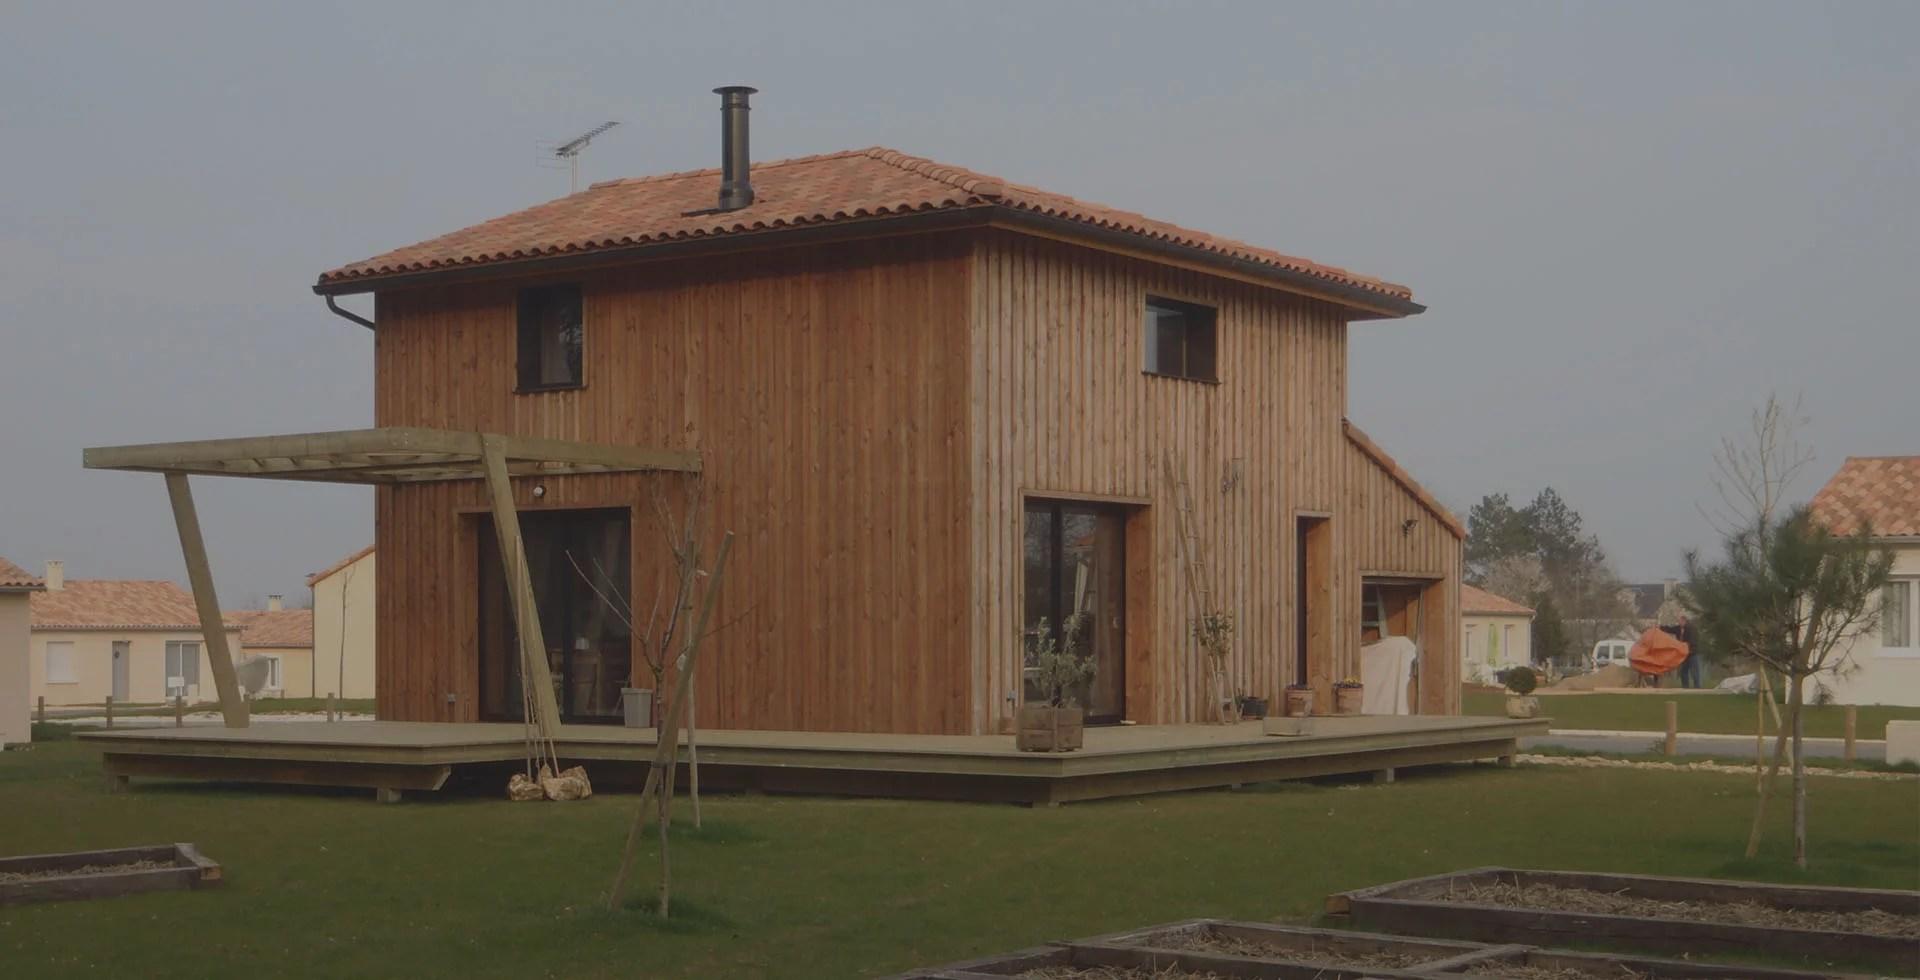 baty 39 r entreprise de charpente traditionnelle et construction en bois artisan 91 On construction bois 91